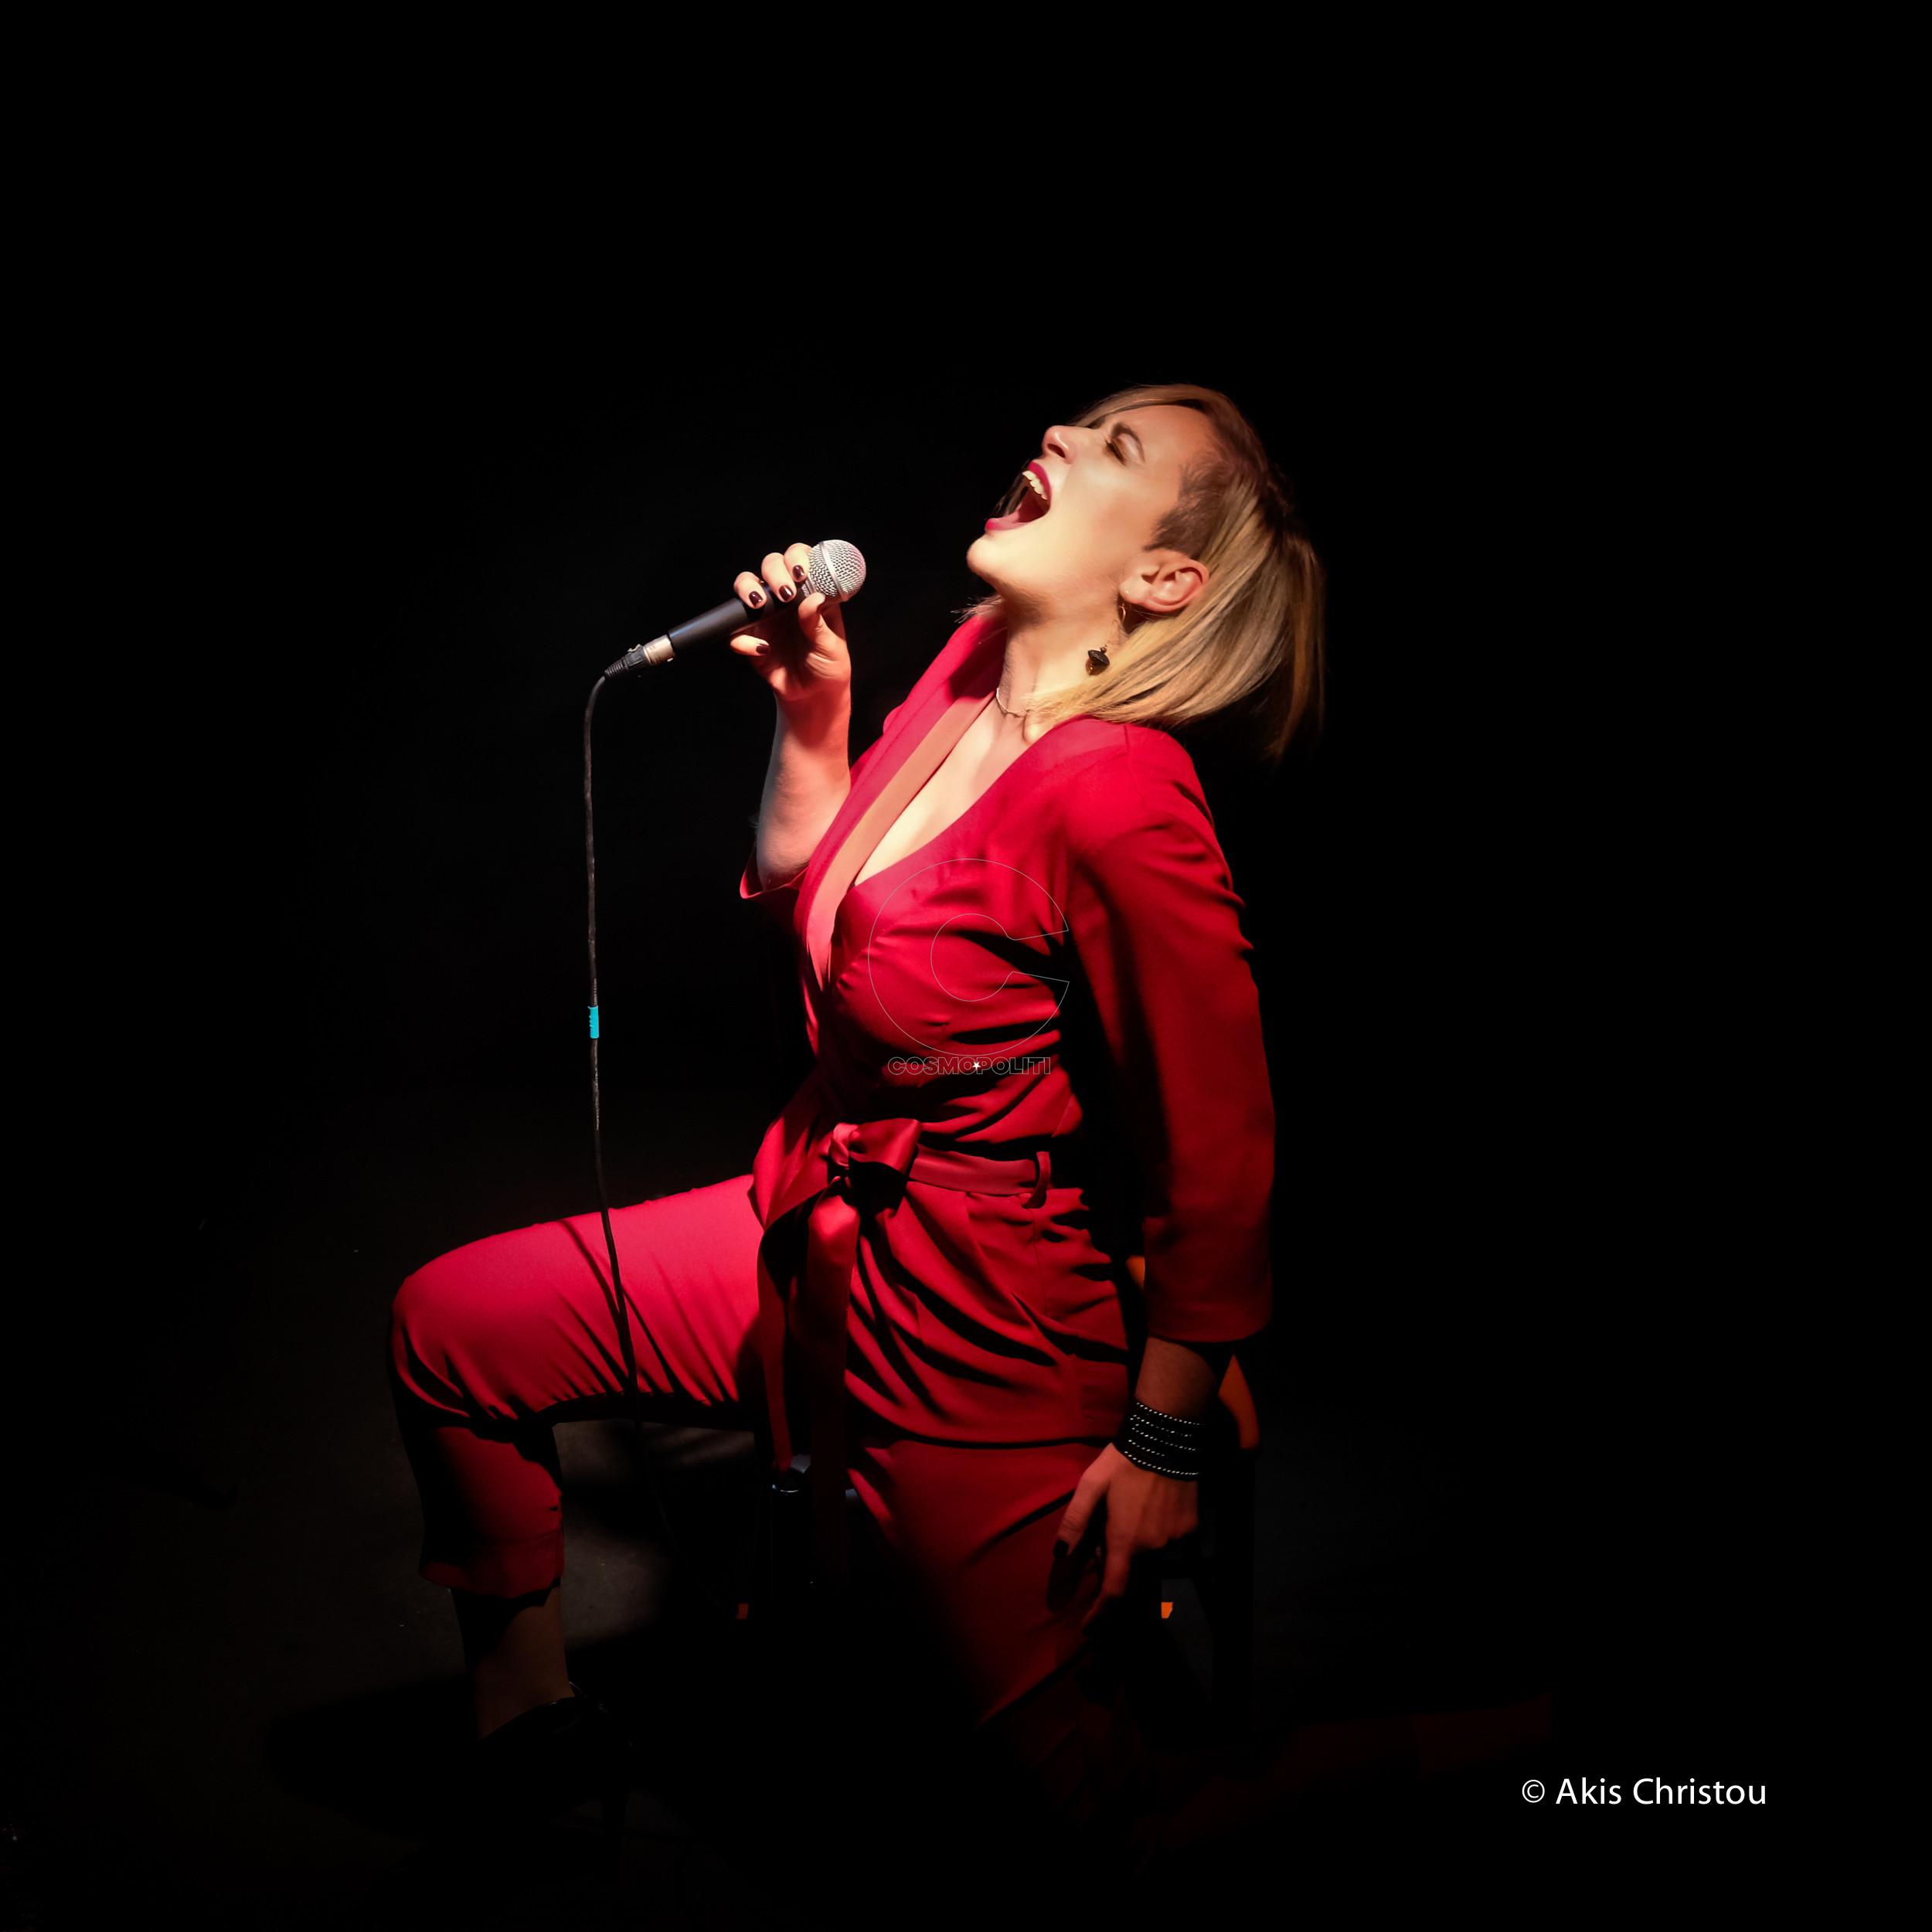 Rita Antonopoulou_FXT21457_Red (photo by Akis Christou)